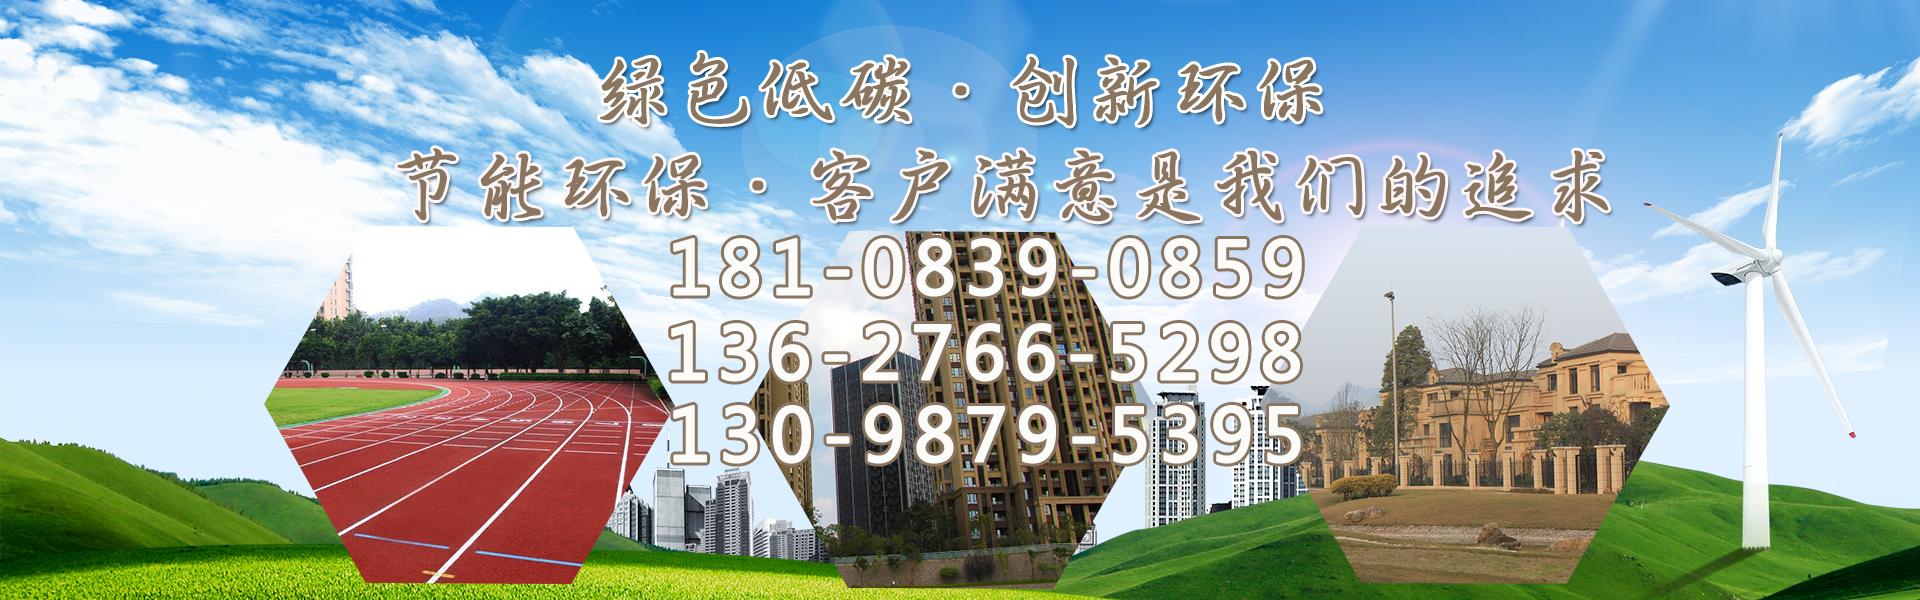 重庆陶粒厂主营重庆陶粒材料、重庆高强陶粒、重庆普通陶粒、重庆圆柱形陶粒等产品。